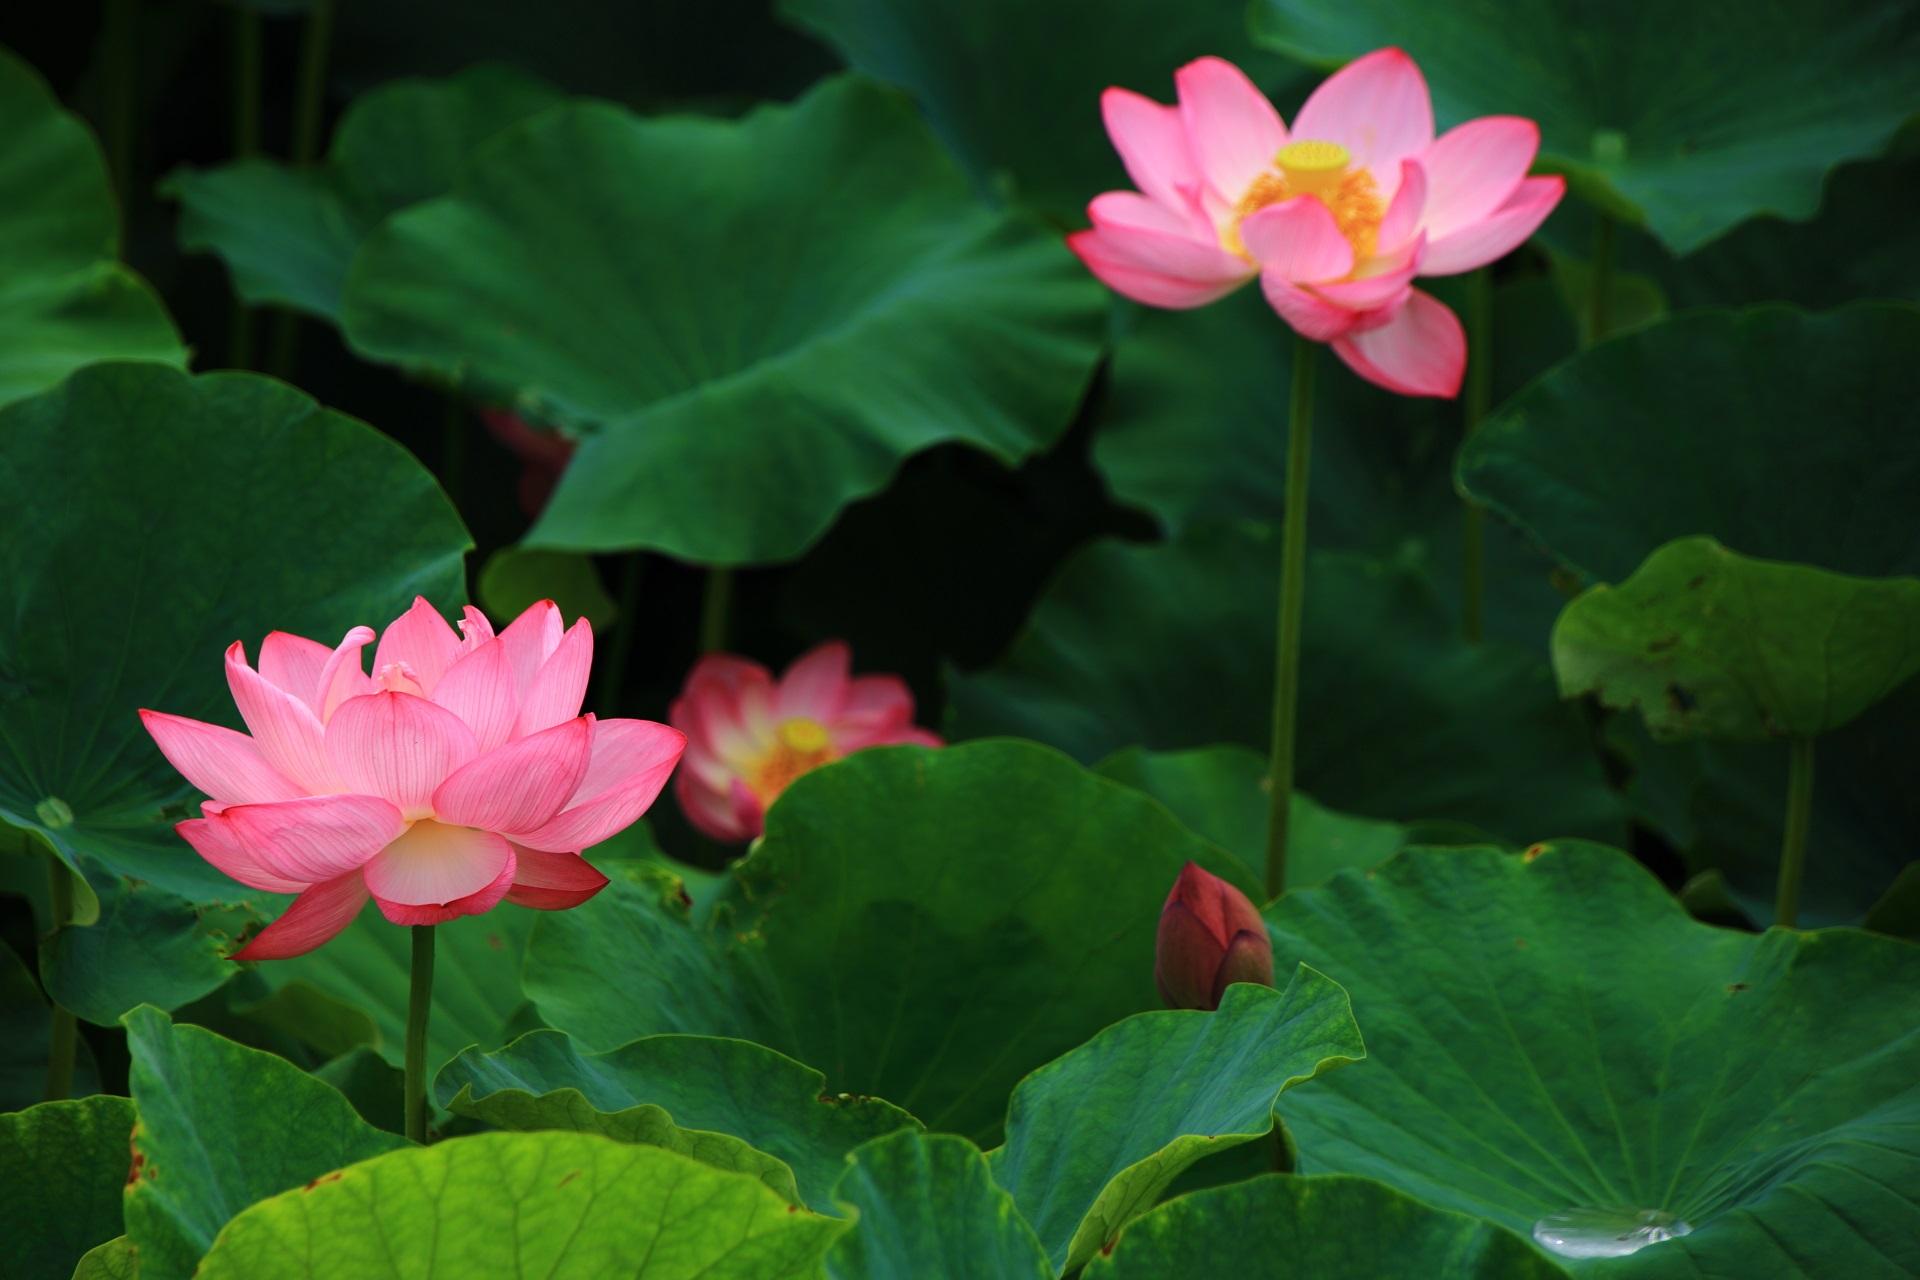 ふわりふわりと浮かんで行きそうな幻想的な蓮の花